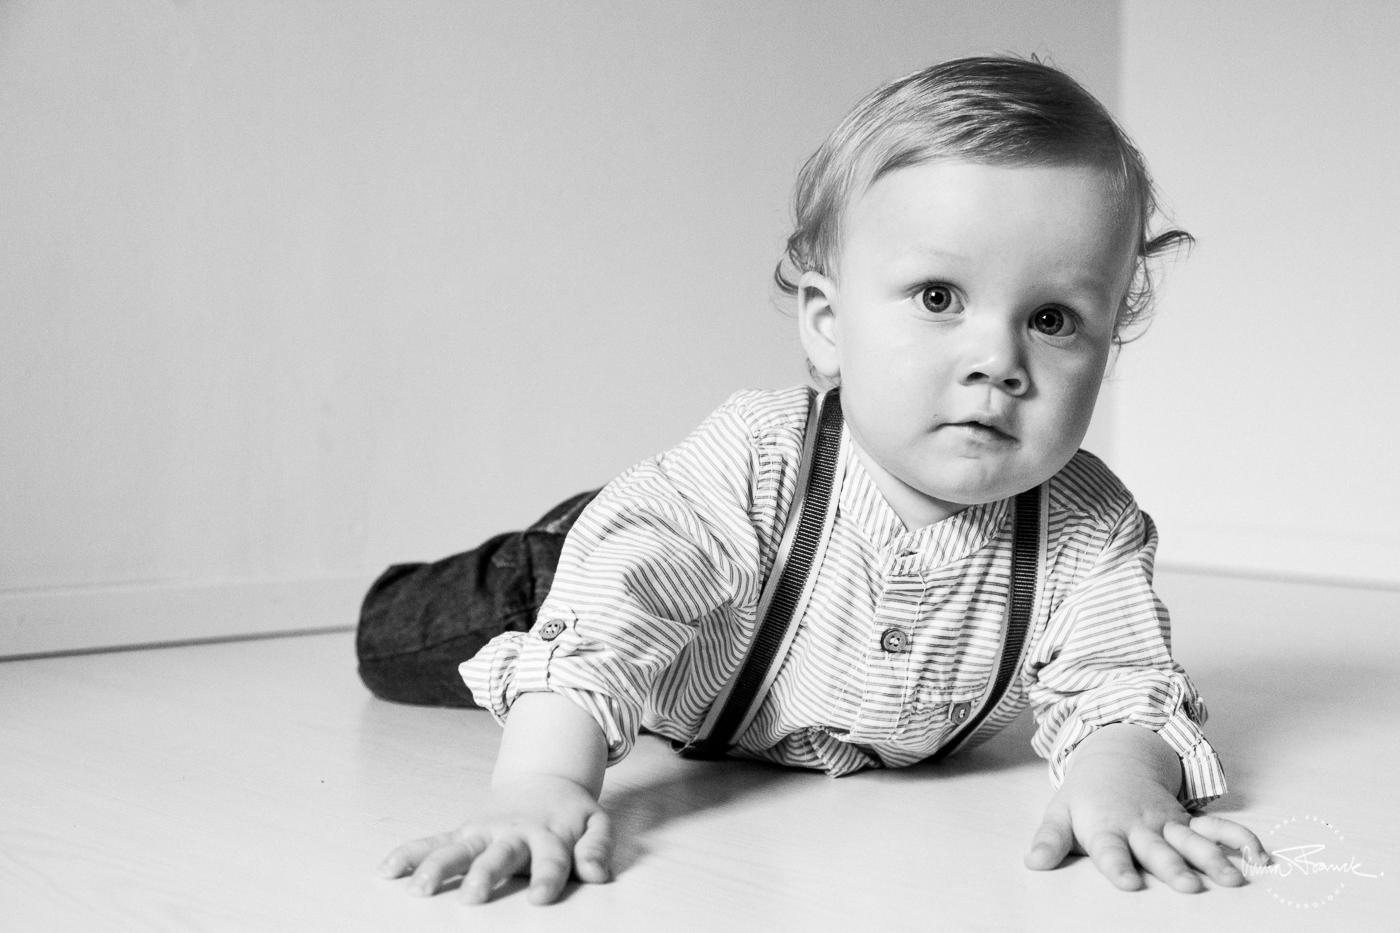 barnfotografering, familjefotografering, perhekuvaus, lapsikuvaus, fotografering, photography, kids, anna, franck, finland, suomi, cute, gullig, hemma, kotona, natural, naturligt, utomhus, ulkona, retro